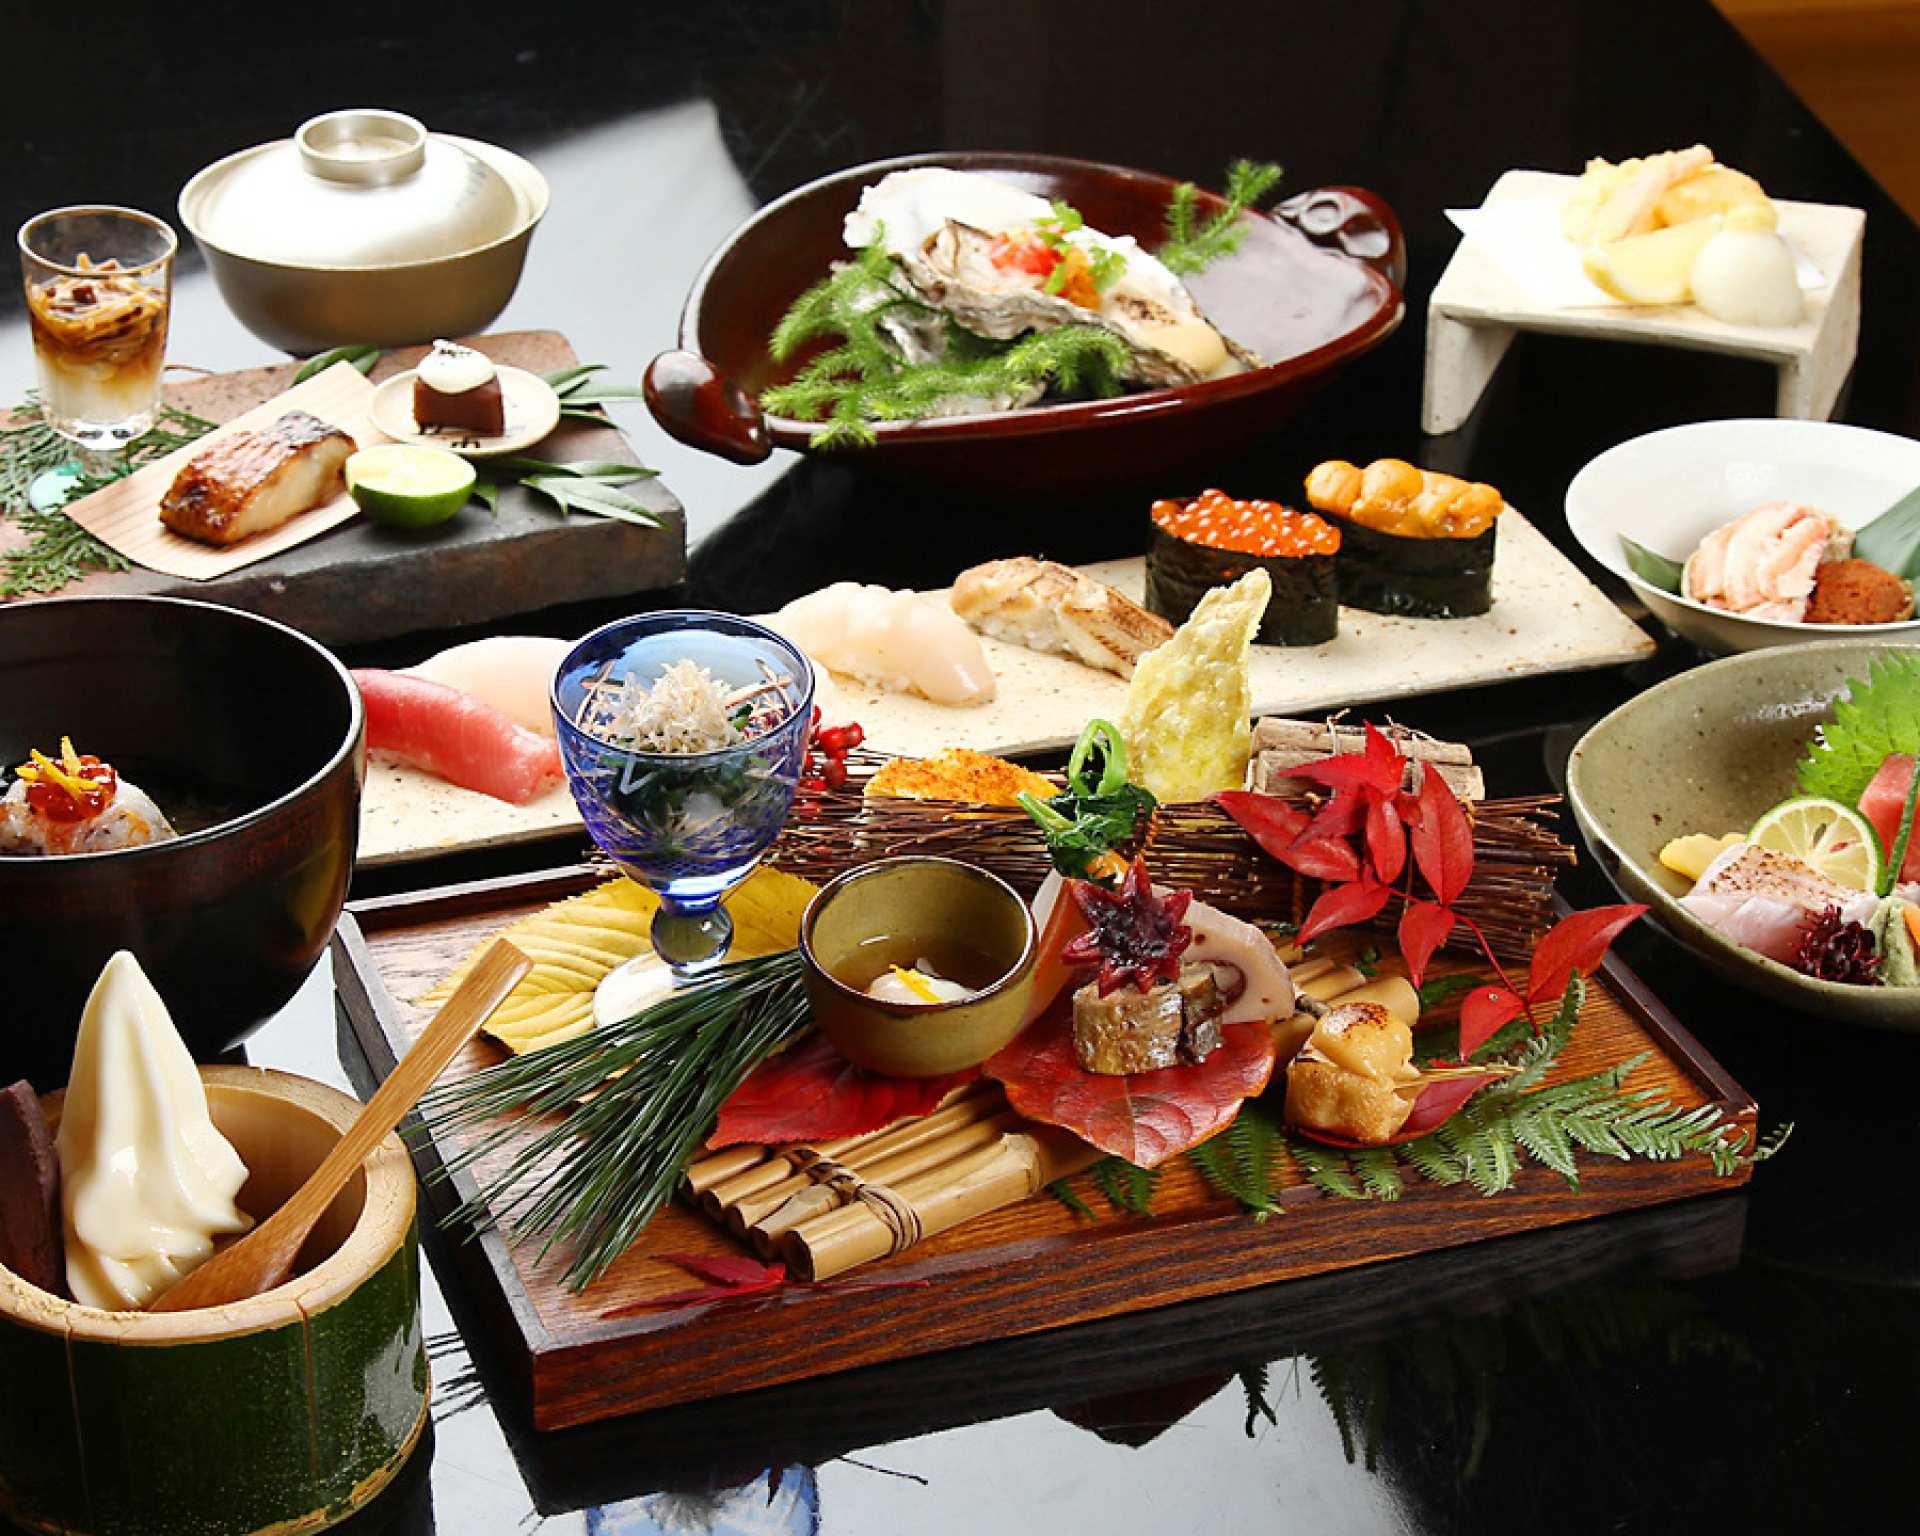 【東京美食】日本壽司料理餐廳・寿司 はせ川 西麻布